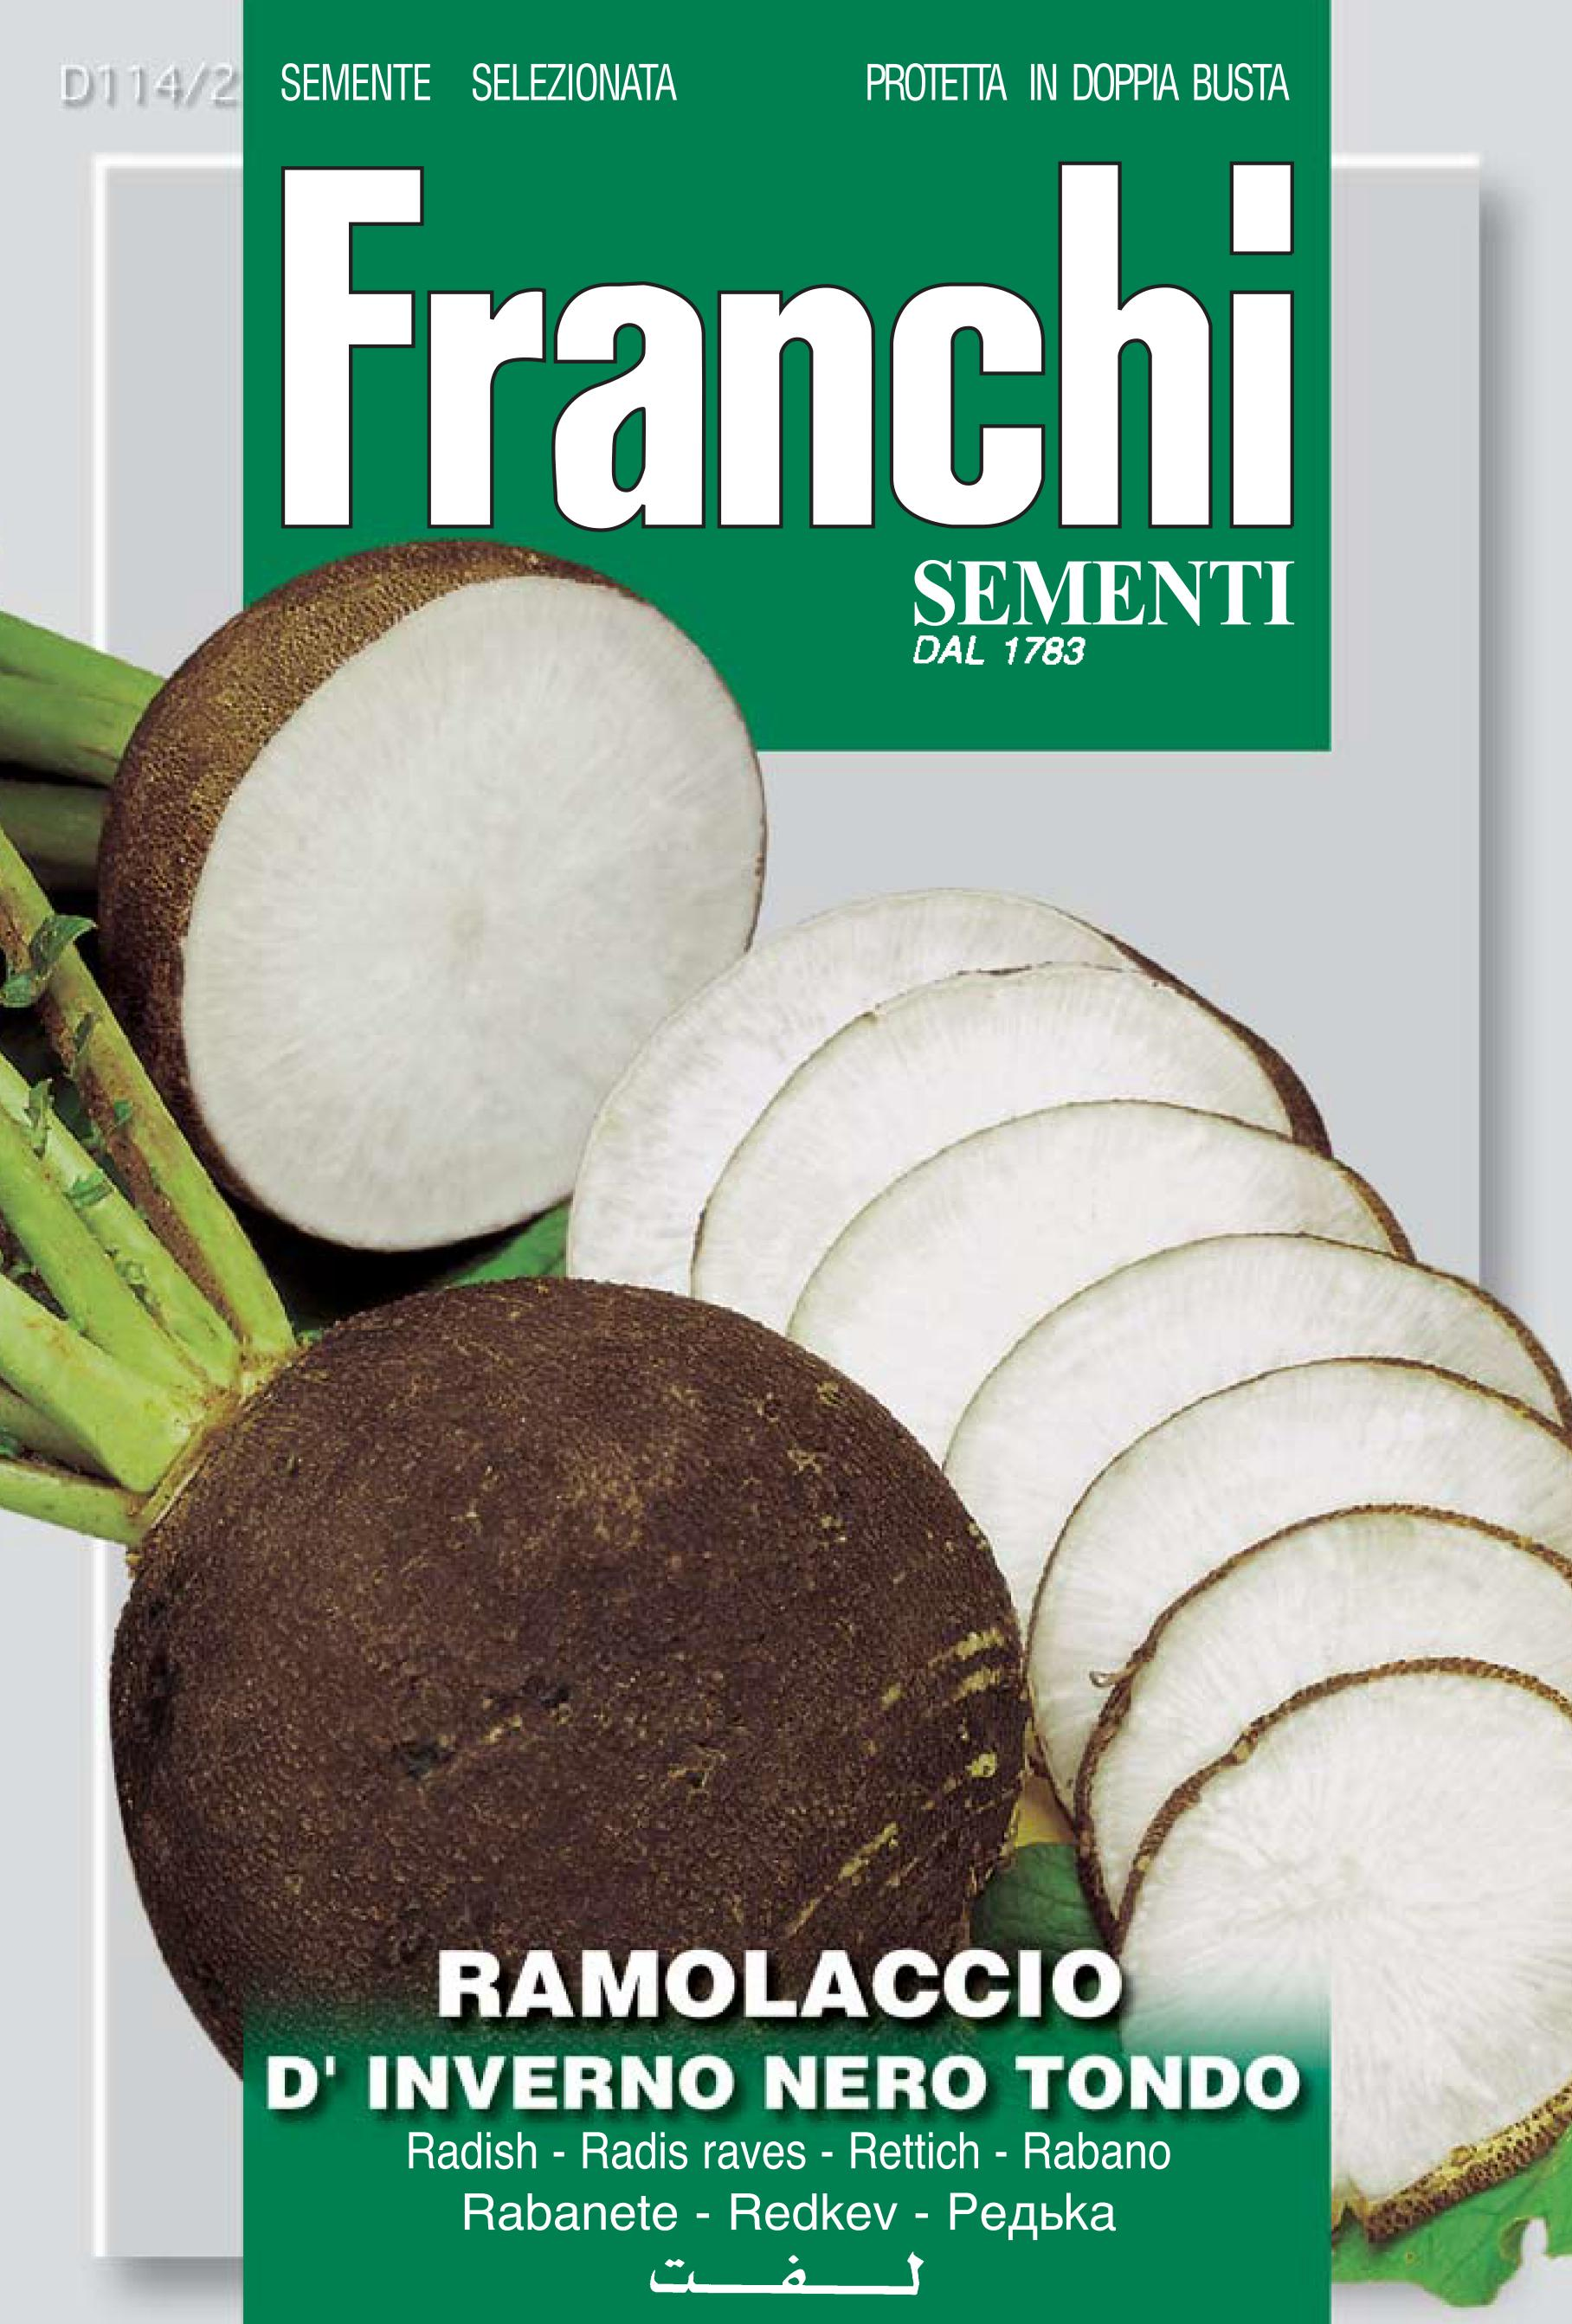 Black Radish Ramolaccio Franchi Leben brand